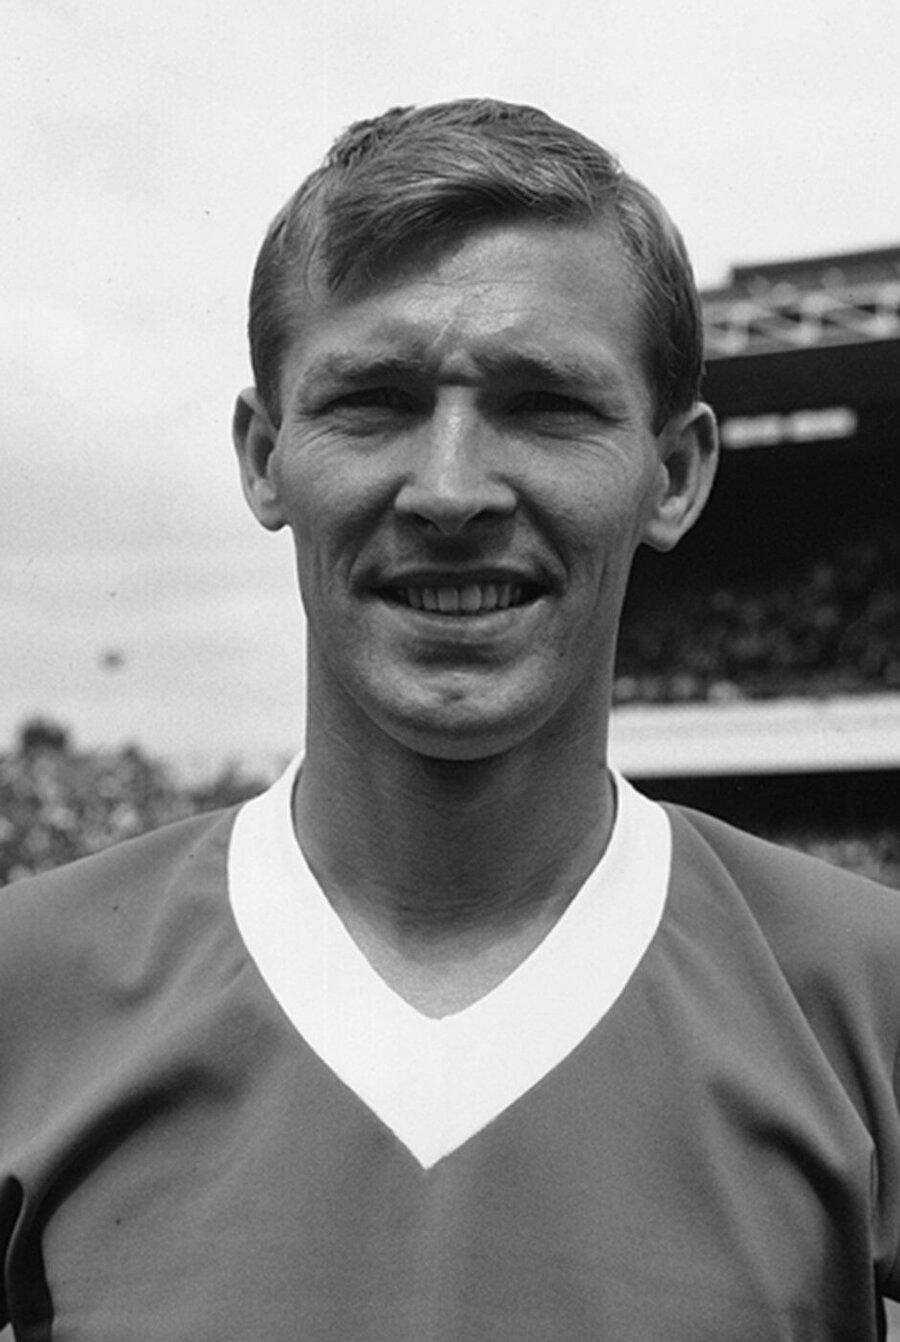 Sir Alex Ferguson sıcacık gülümsemesiyle hafızalara kazındı.